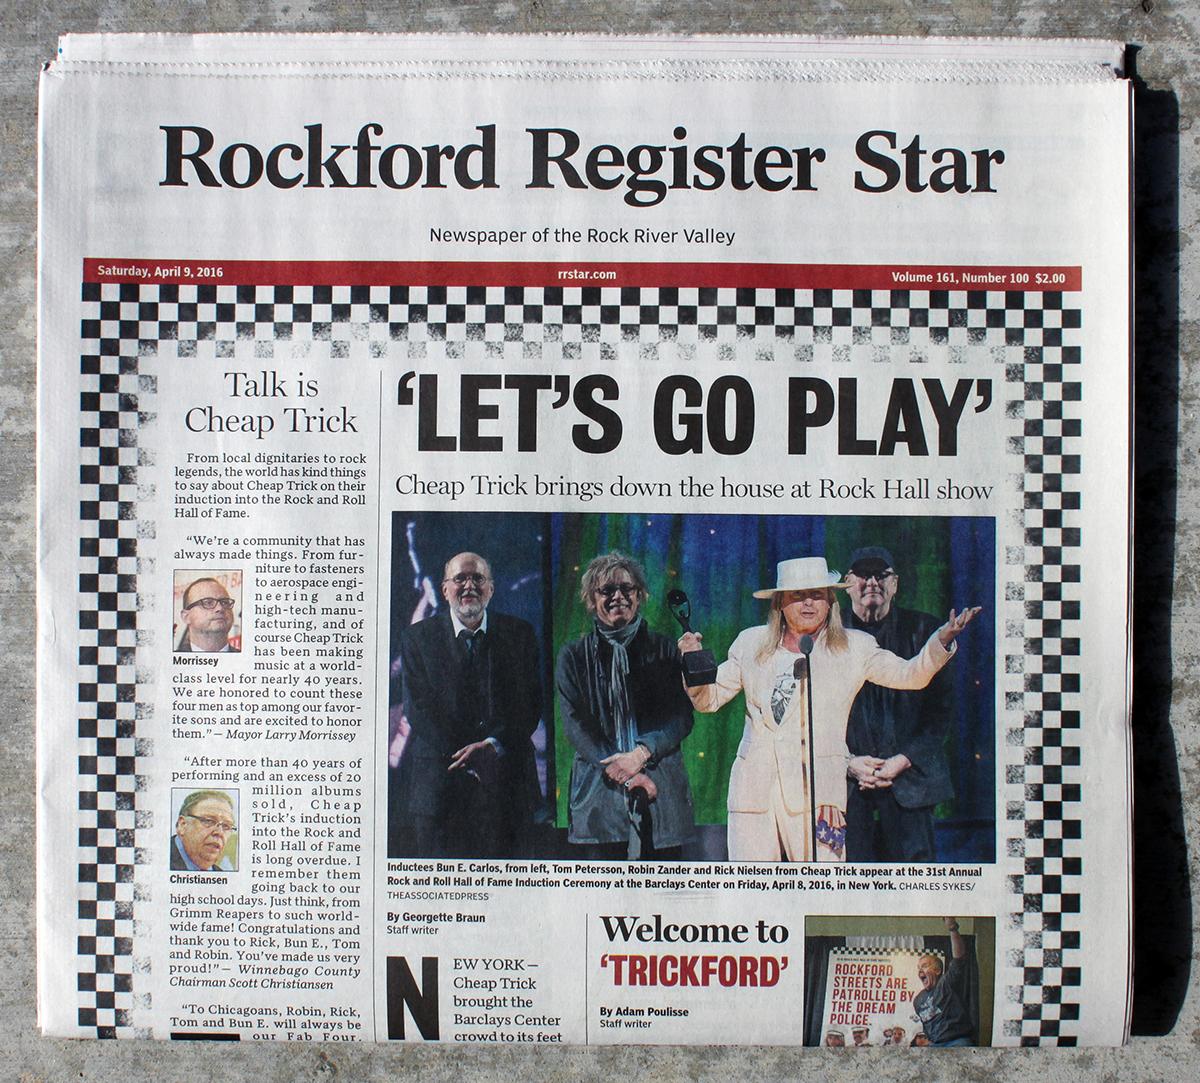 Rockford Register Star Newspaper